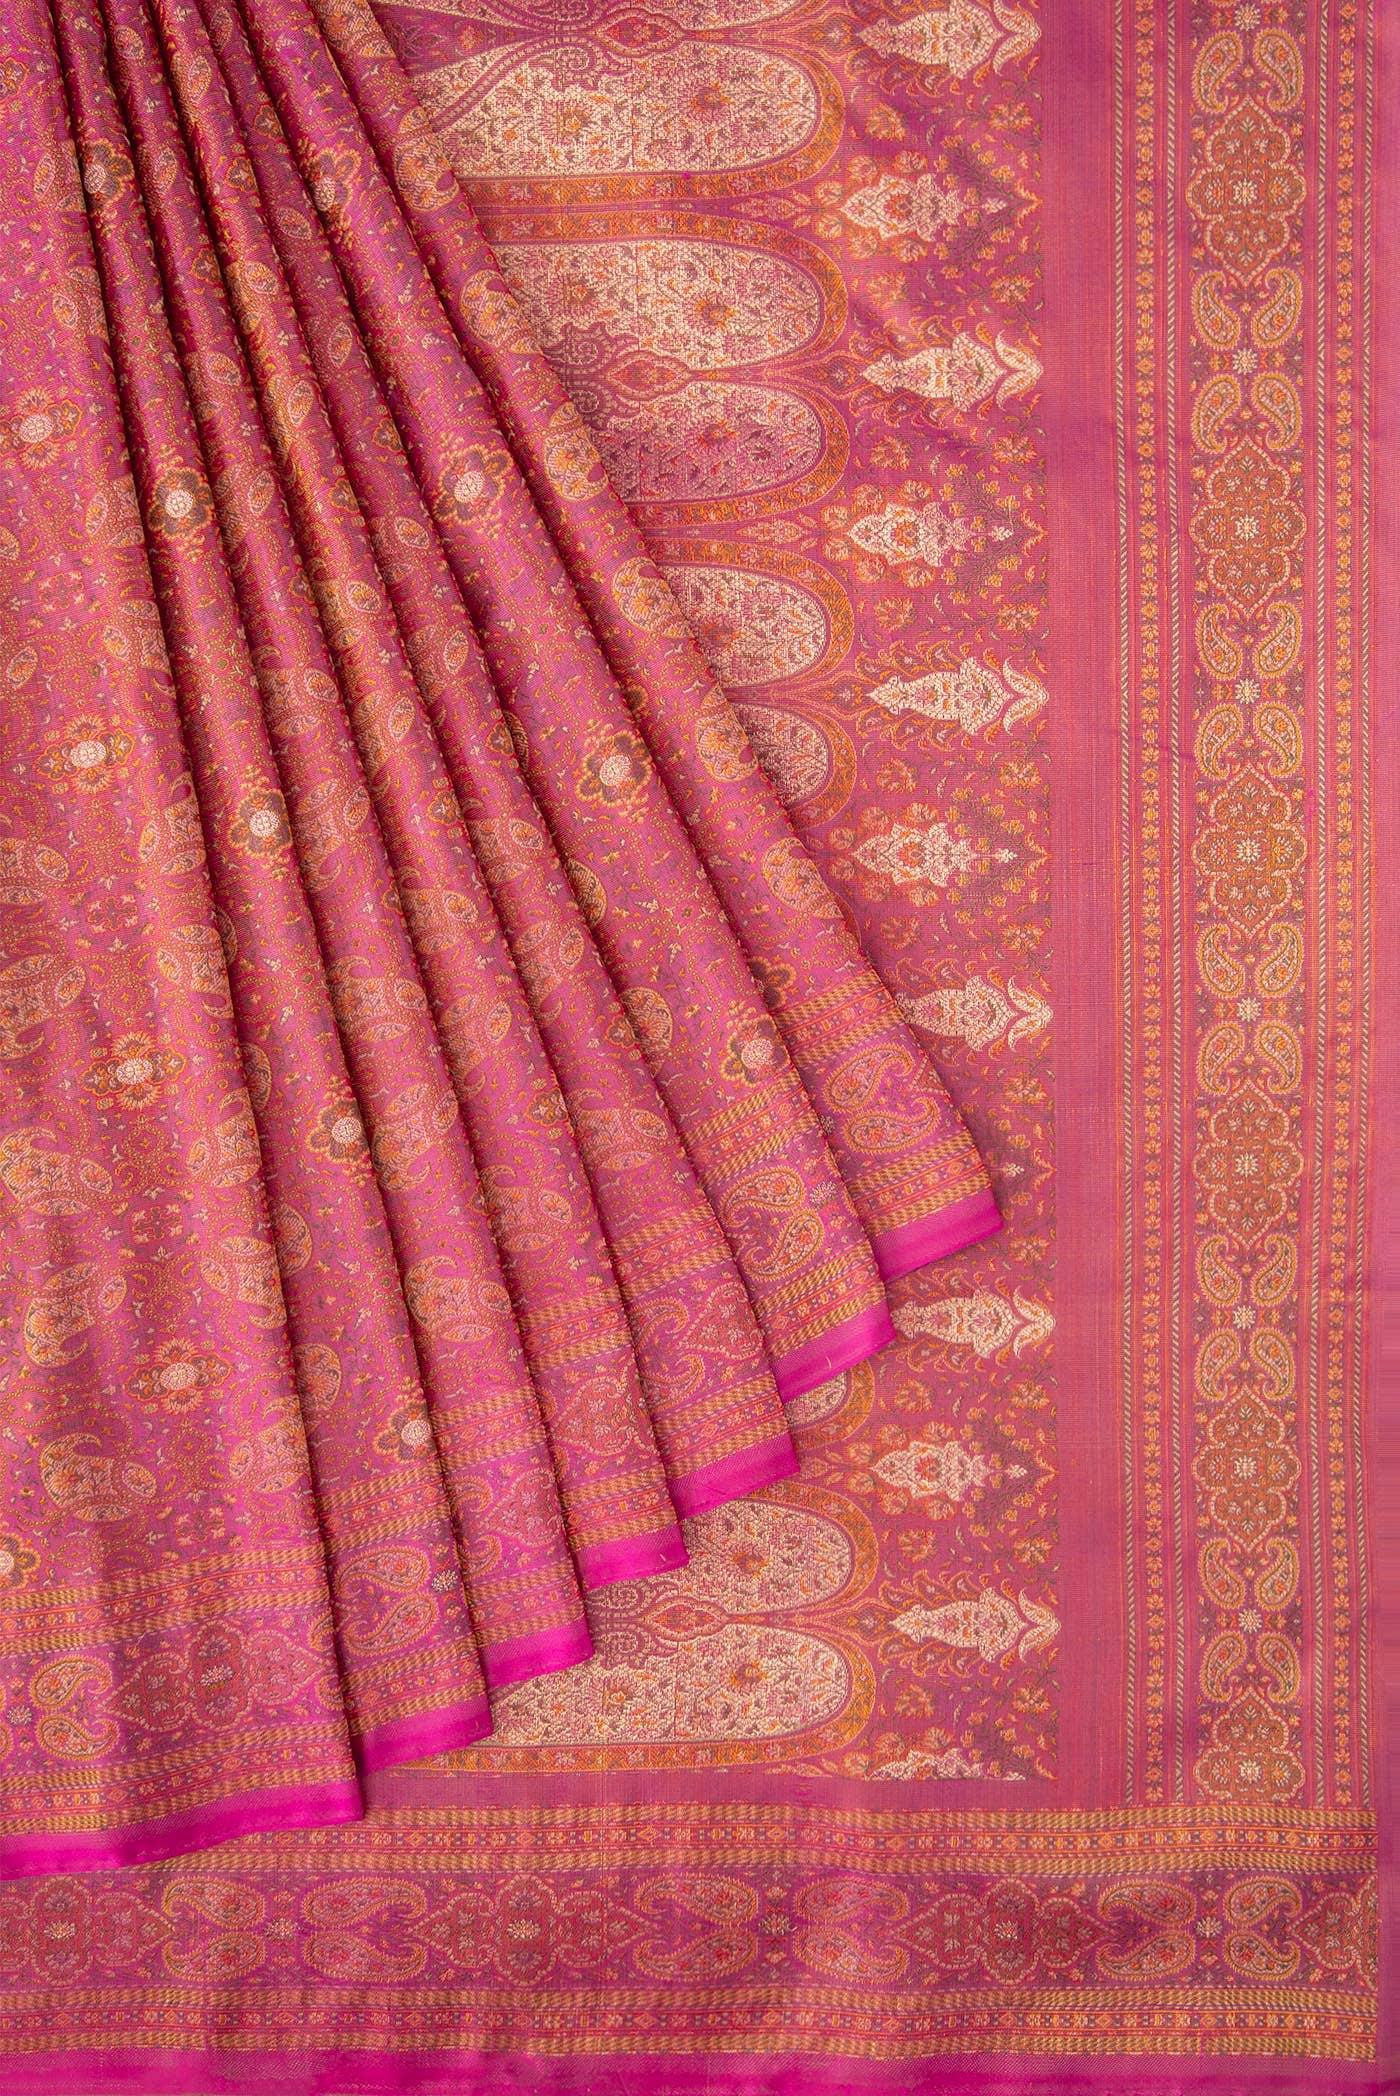 Buy Pink Banarasi Tanchoi Silk Saree Online - Women Sarees at Best Price |  Nalli